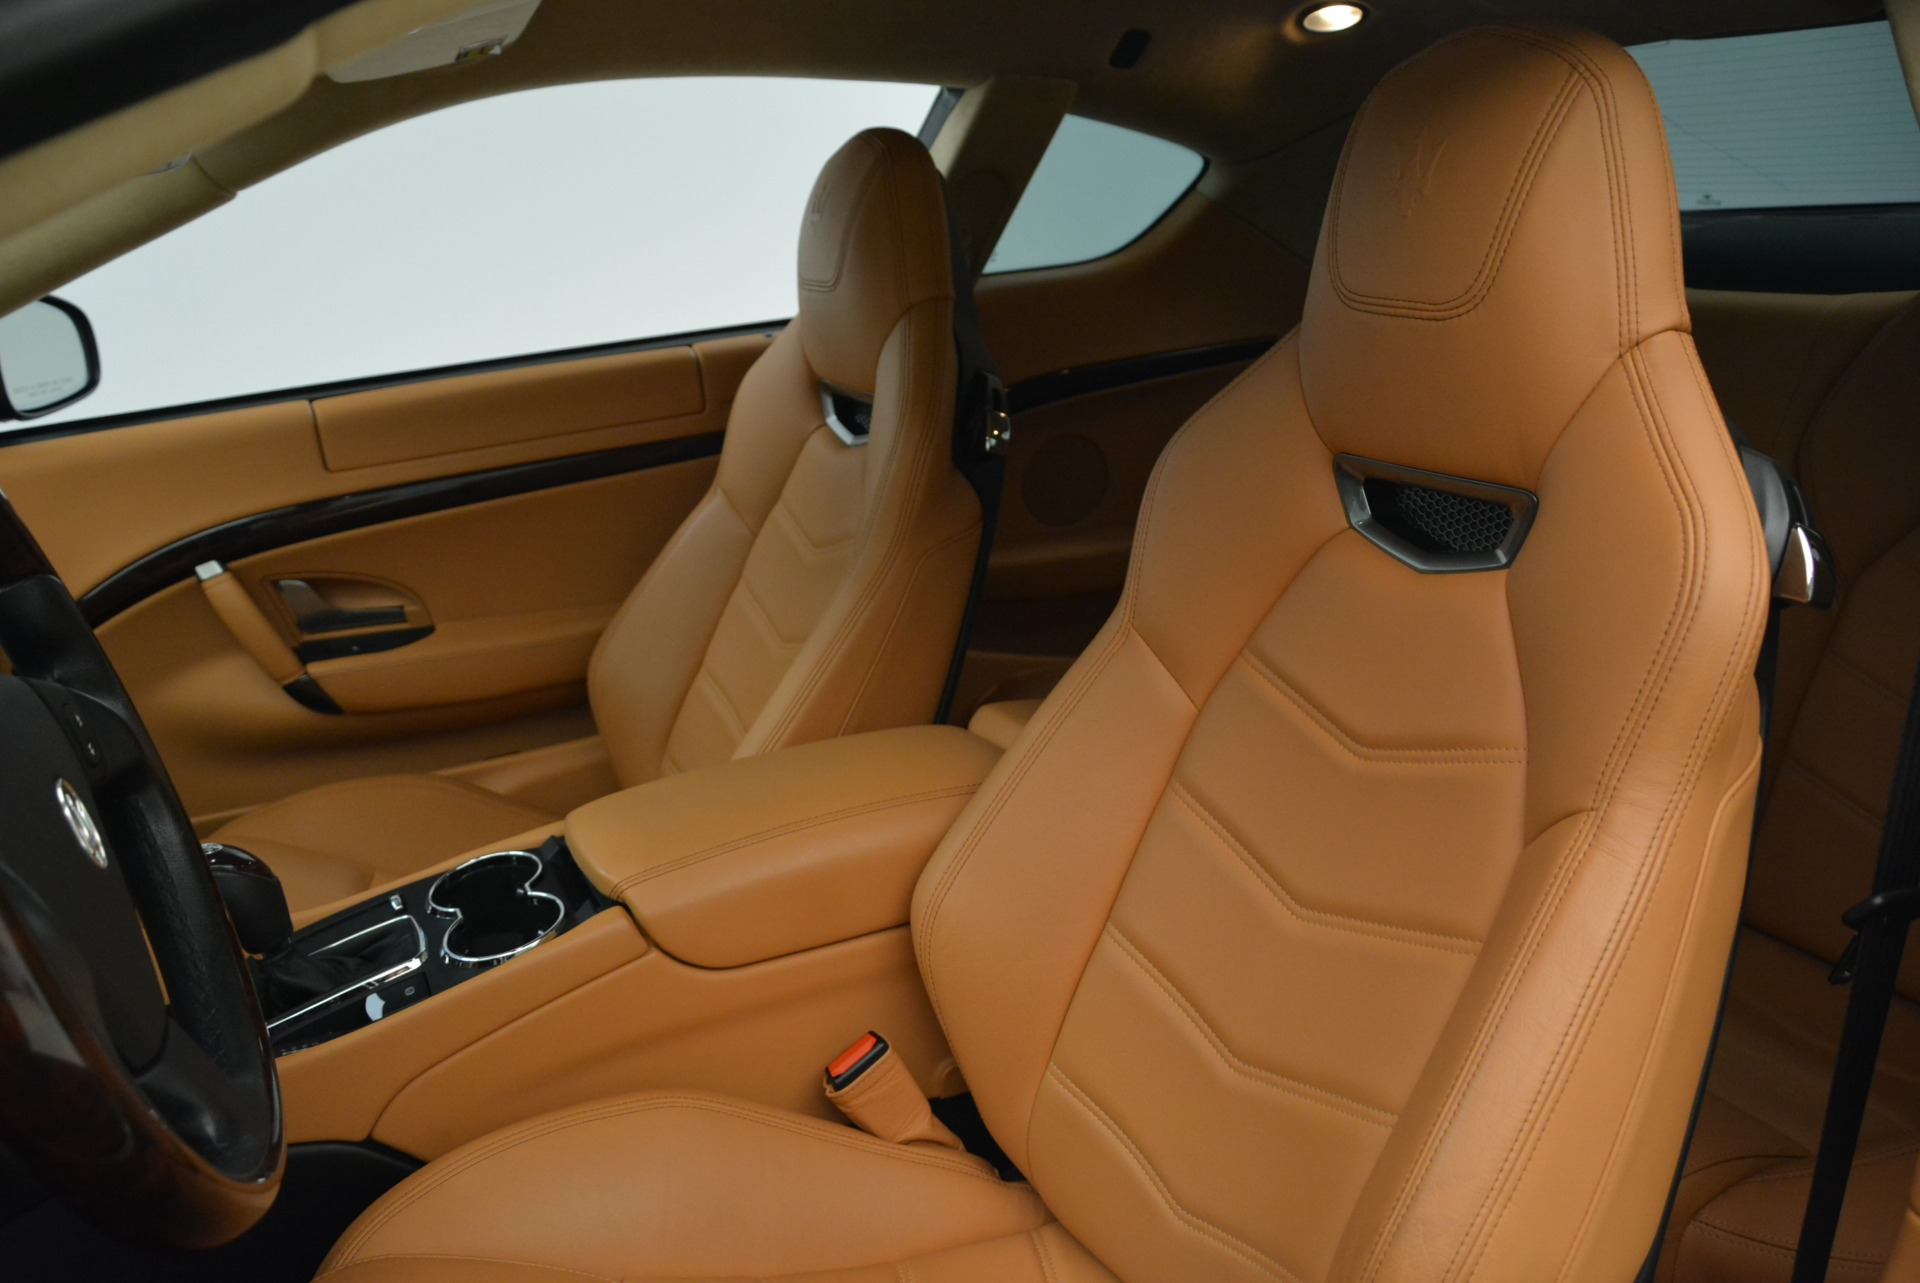 Used 2014 Maserati GranTurismo Sport For Sale In Greenwich, CT 2067_p15